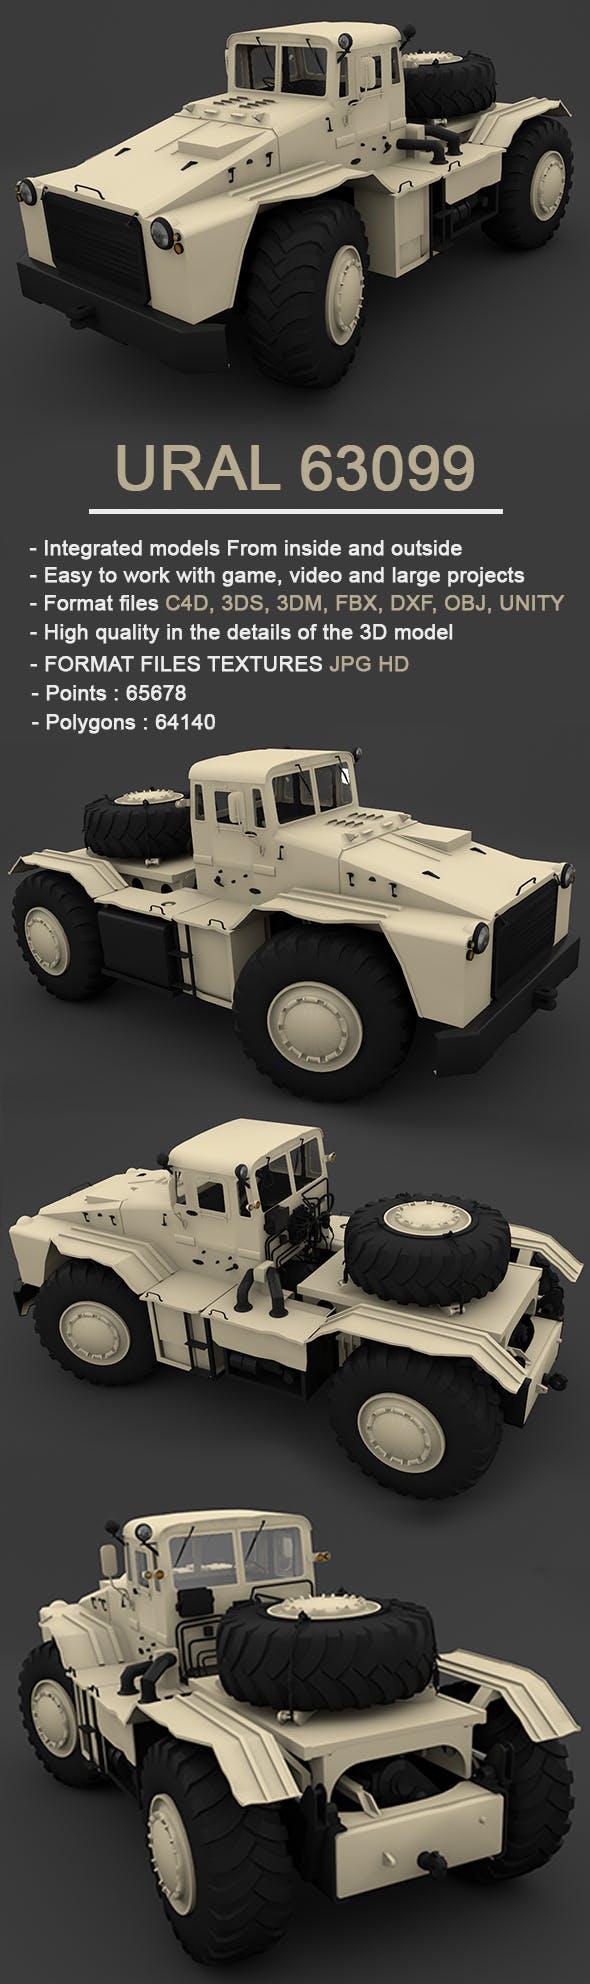 MAZ-538 - Full 3D Model - 3DOcean Item for Sale